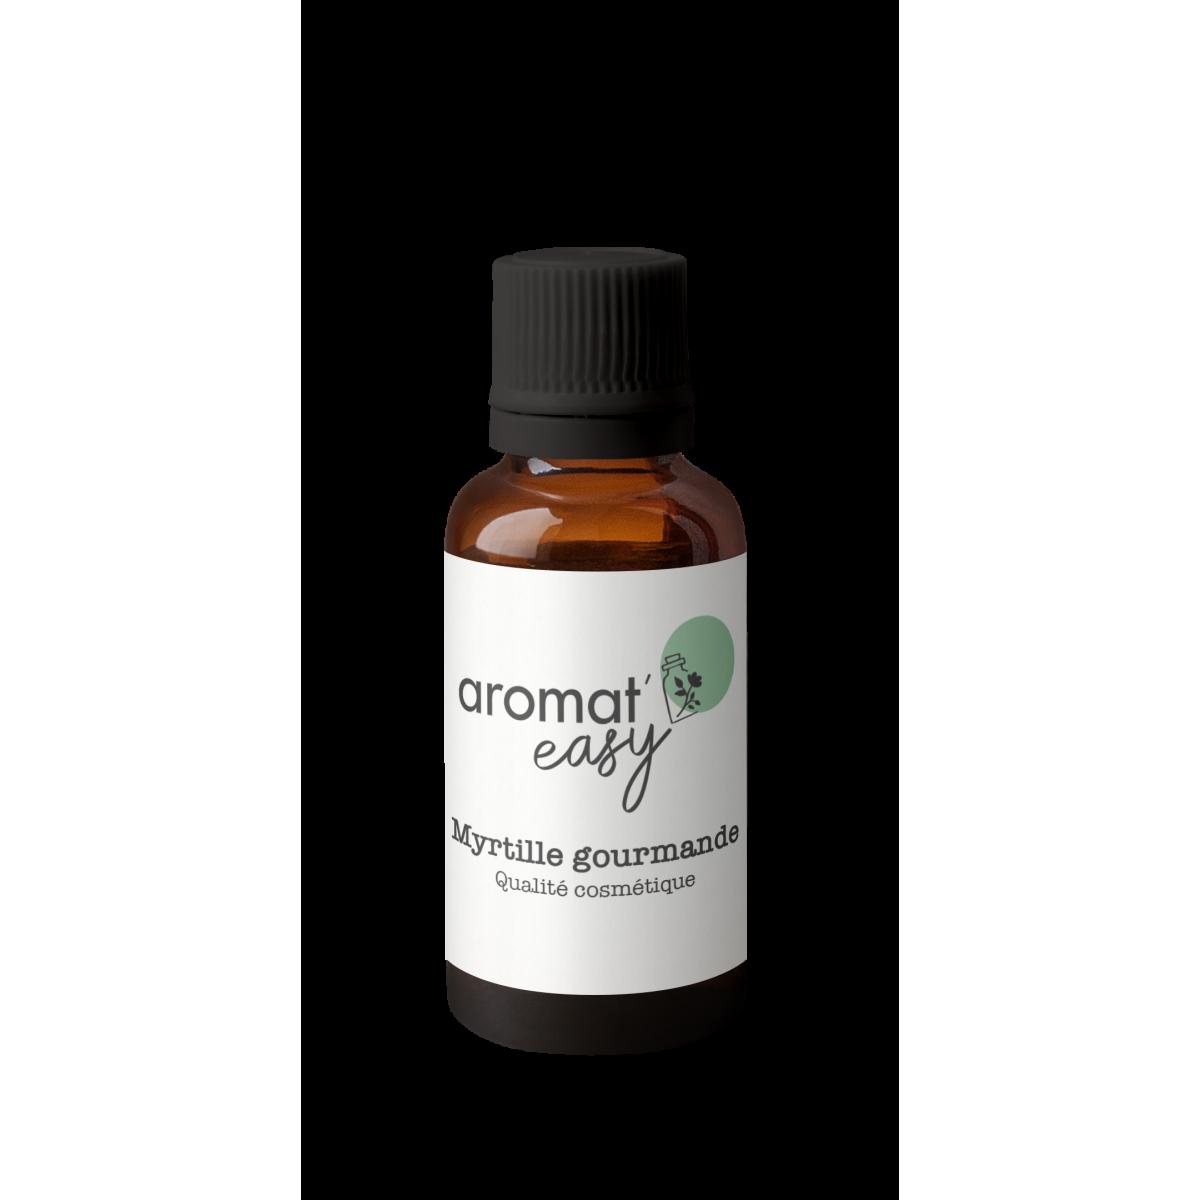 Fragrance Myrtille gourmande